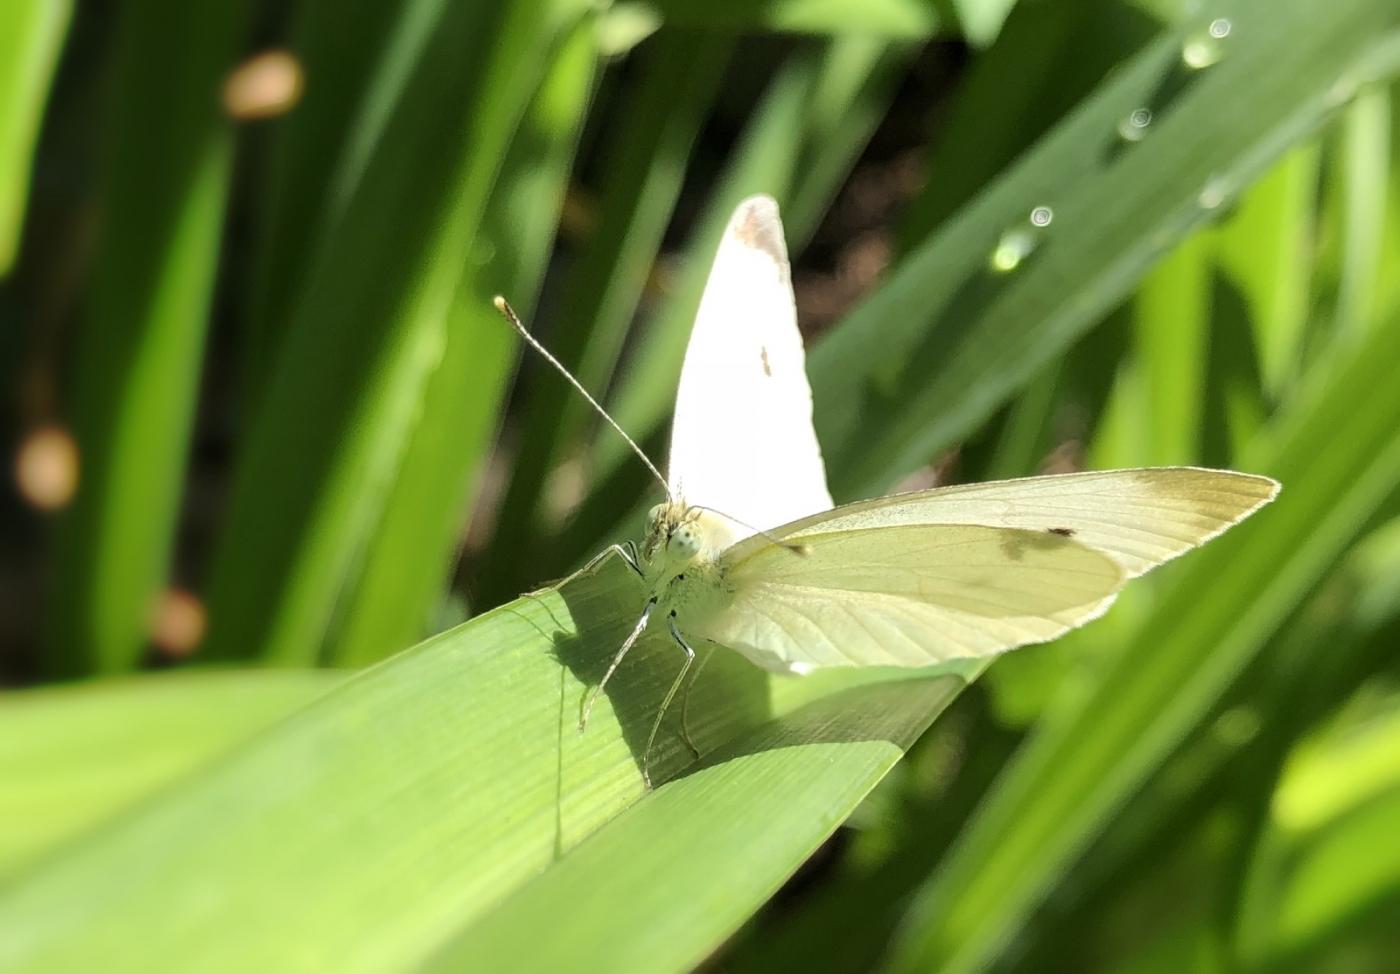 【田螺随拍】我院子里的蝴蝶_图1-1